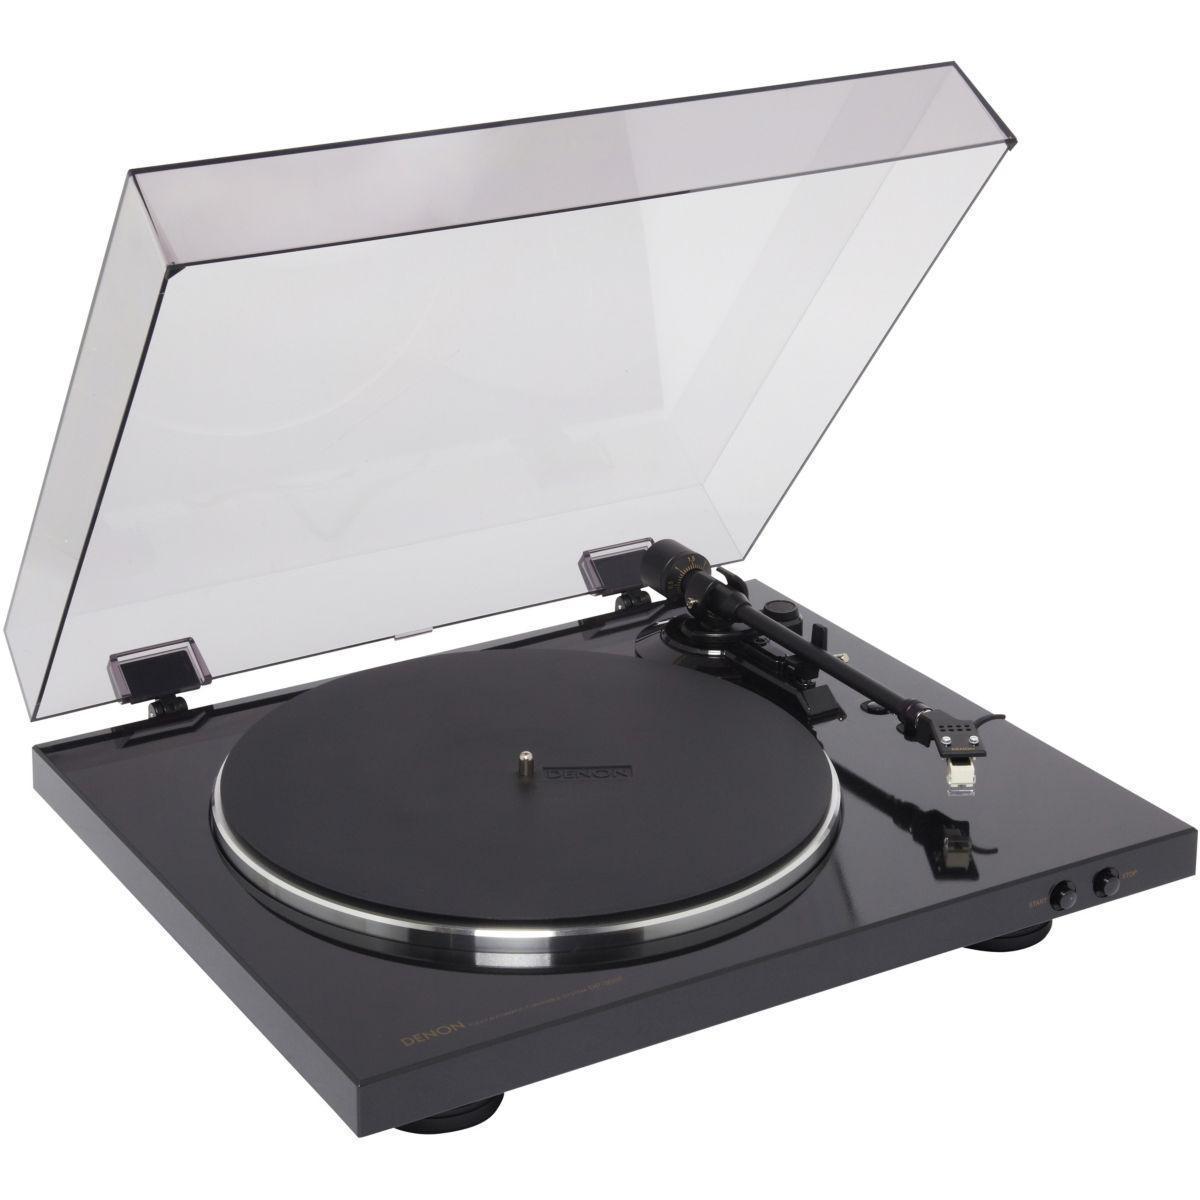 Denon DP-300F Record player